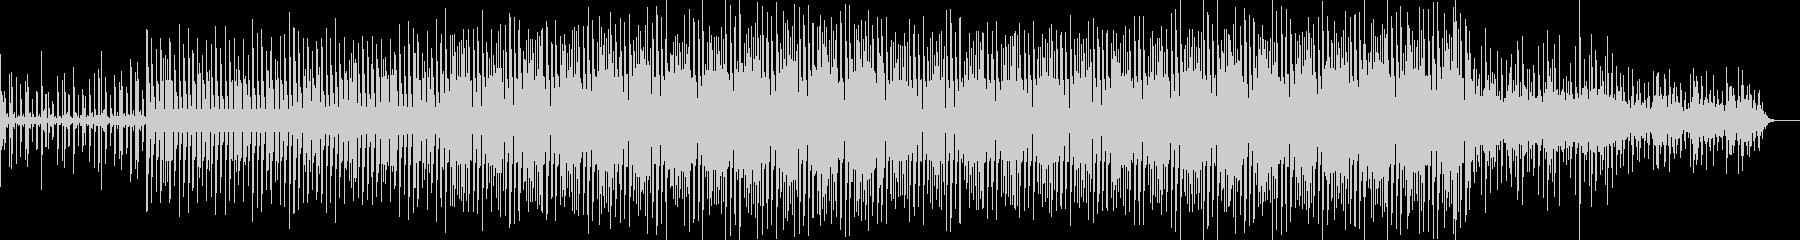 木琴のフレーズが不思議なリズミックBGMの未再生の波形